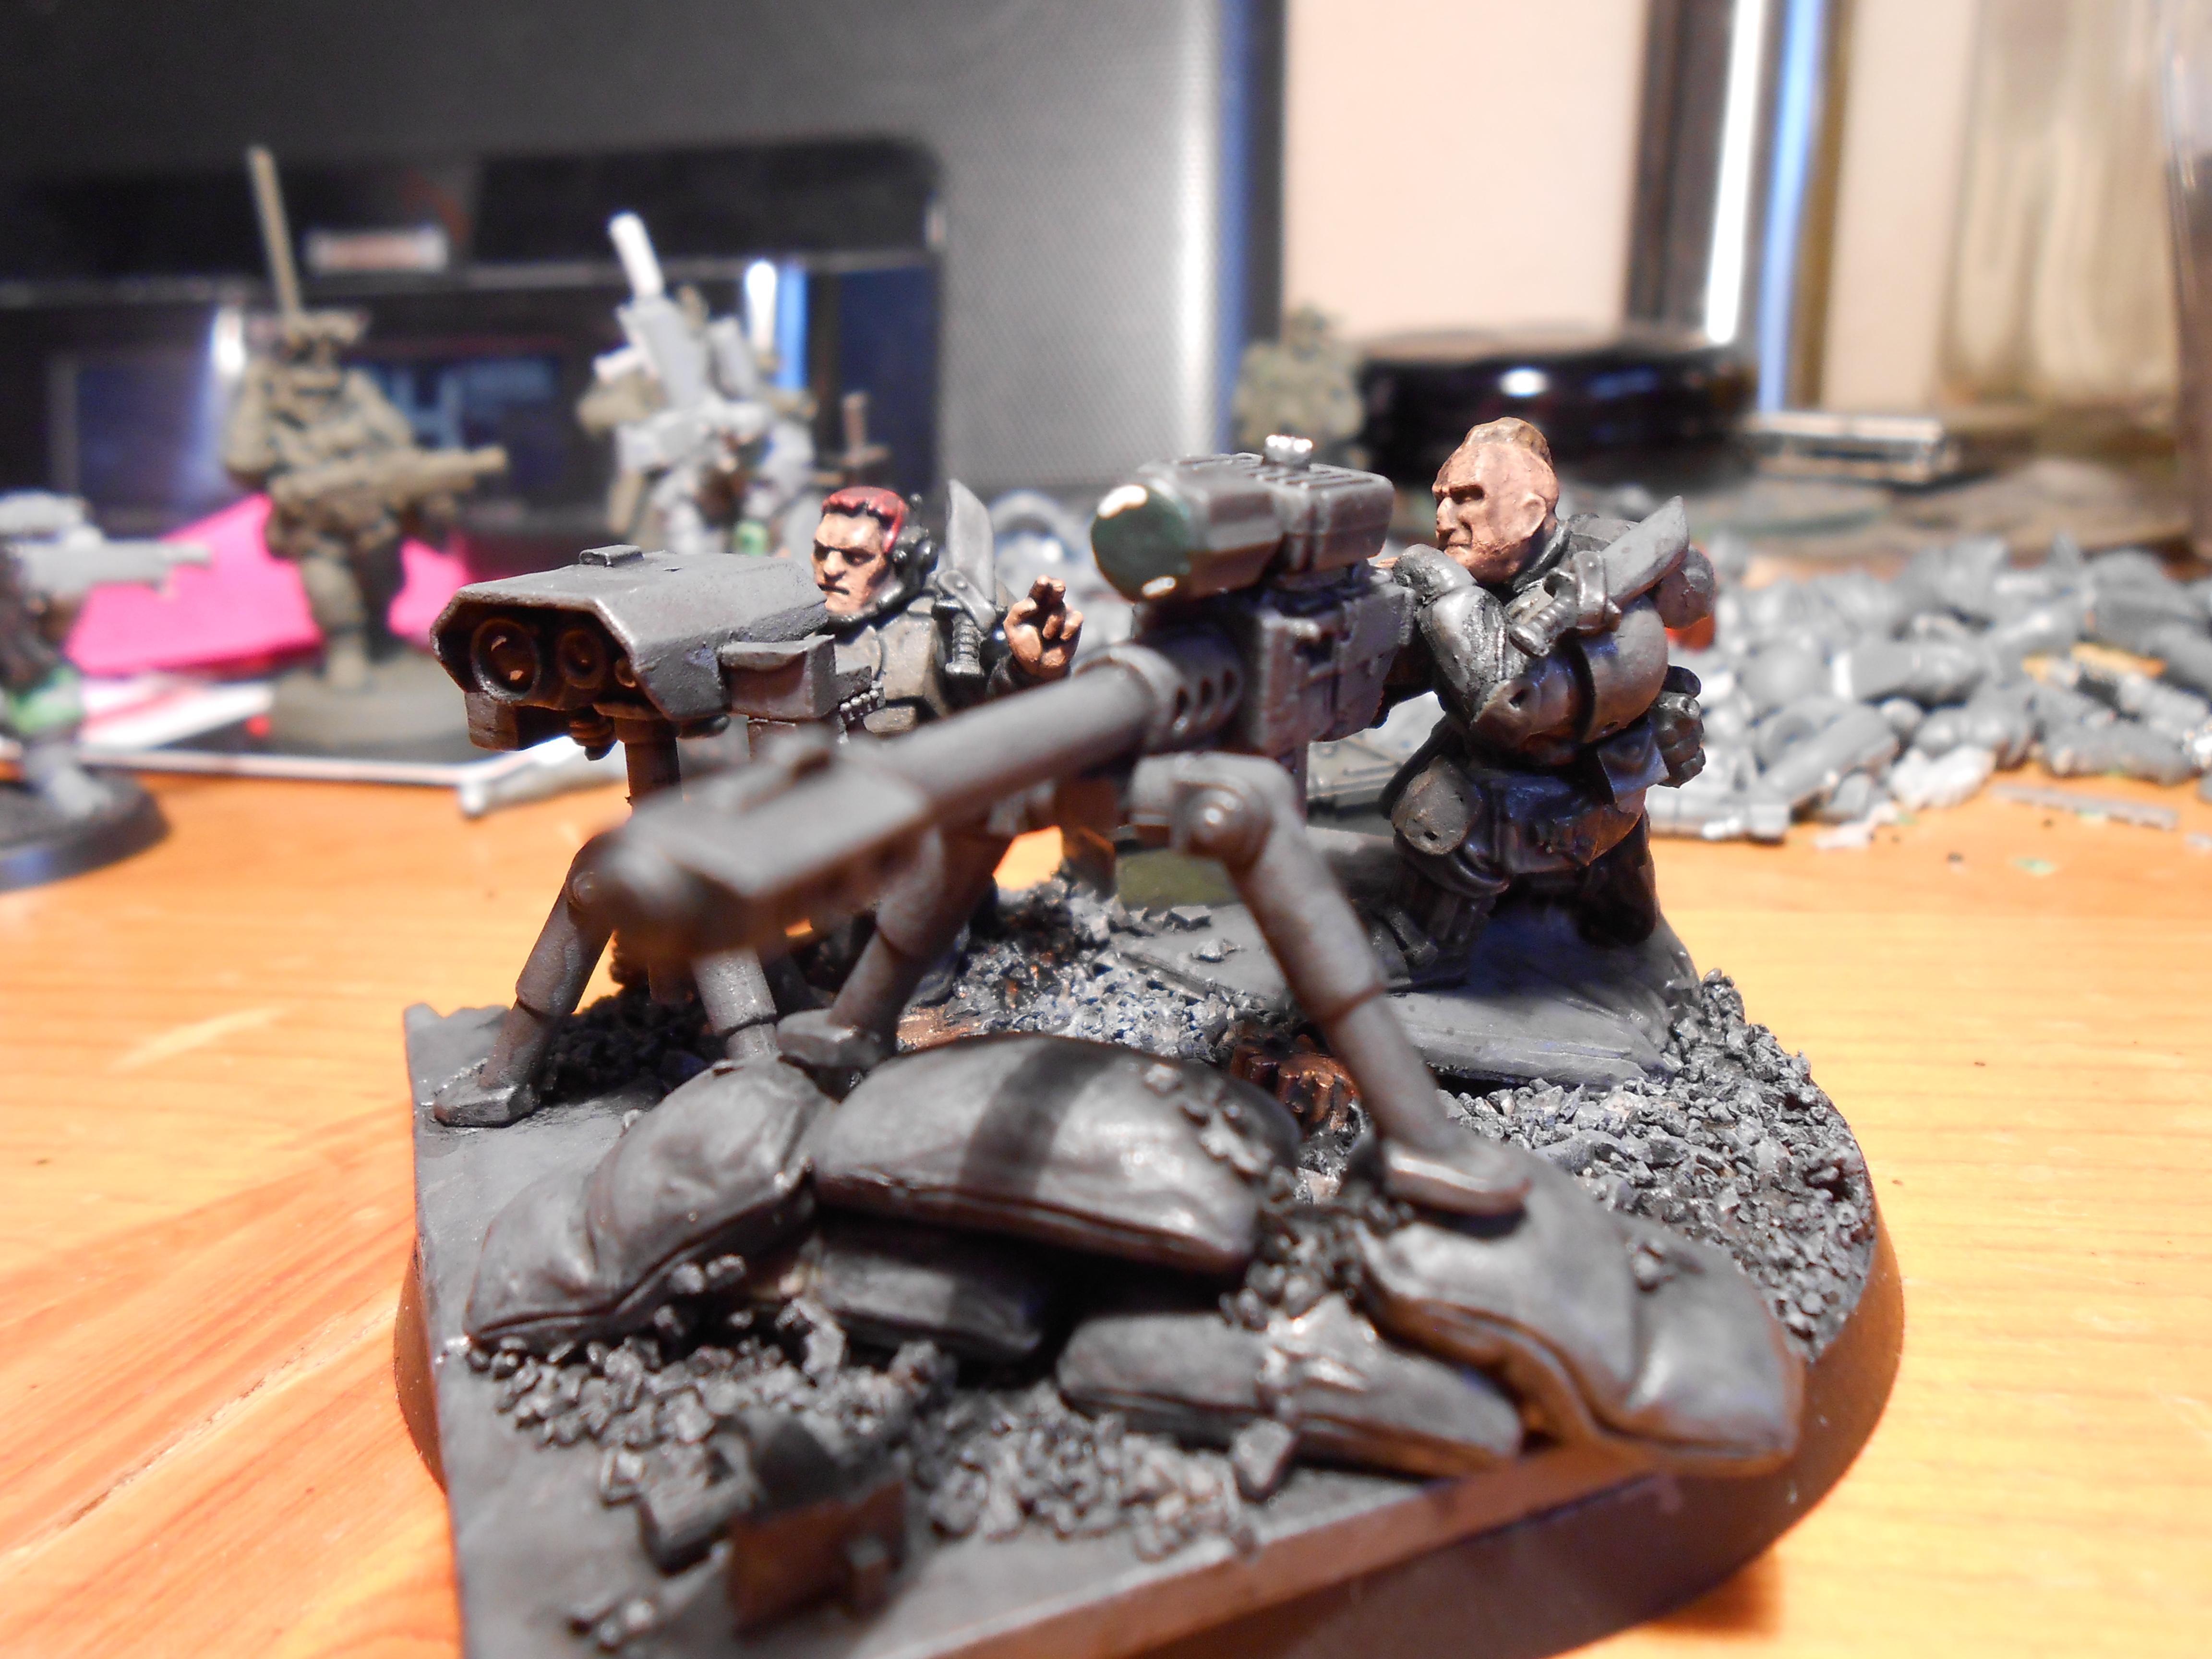 Gun Team, Night Ops, Sniper Team, Snipers, Spec Ops, Special, Special Ops, Team, Urban, Weapons Team